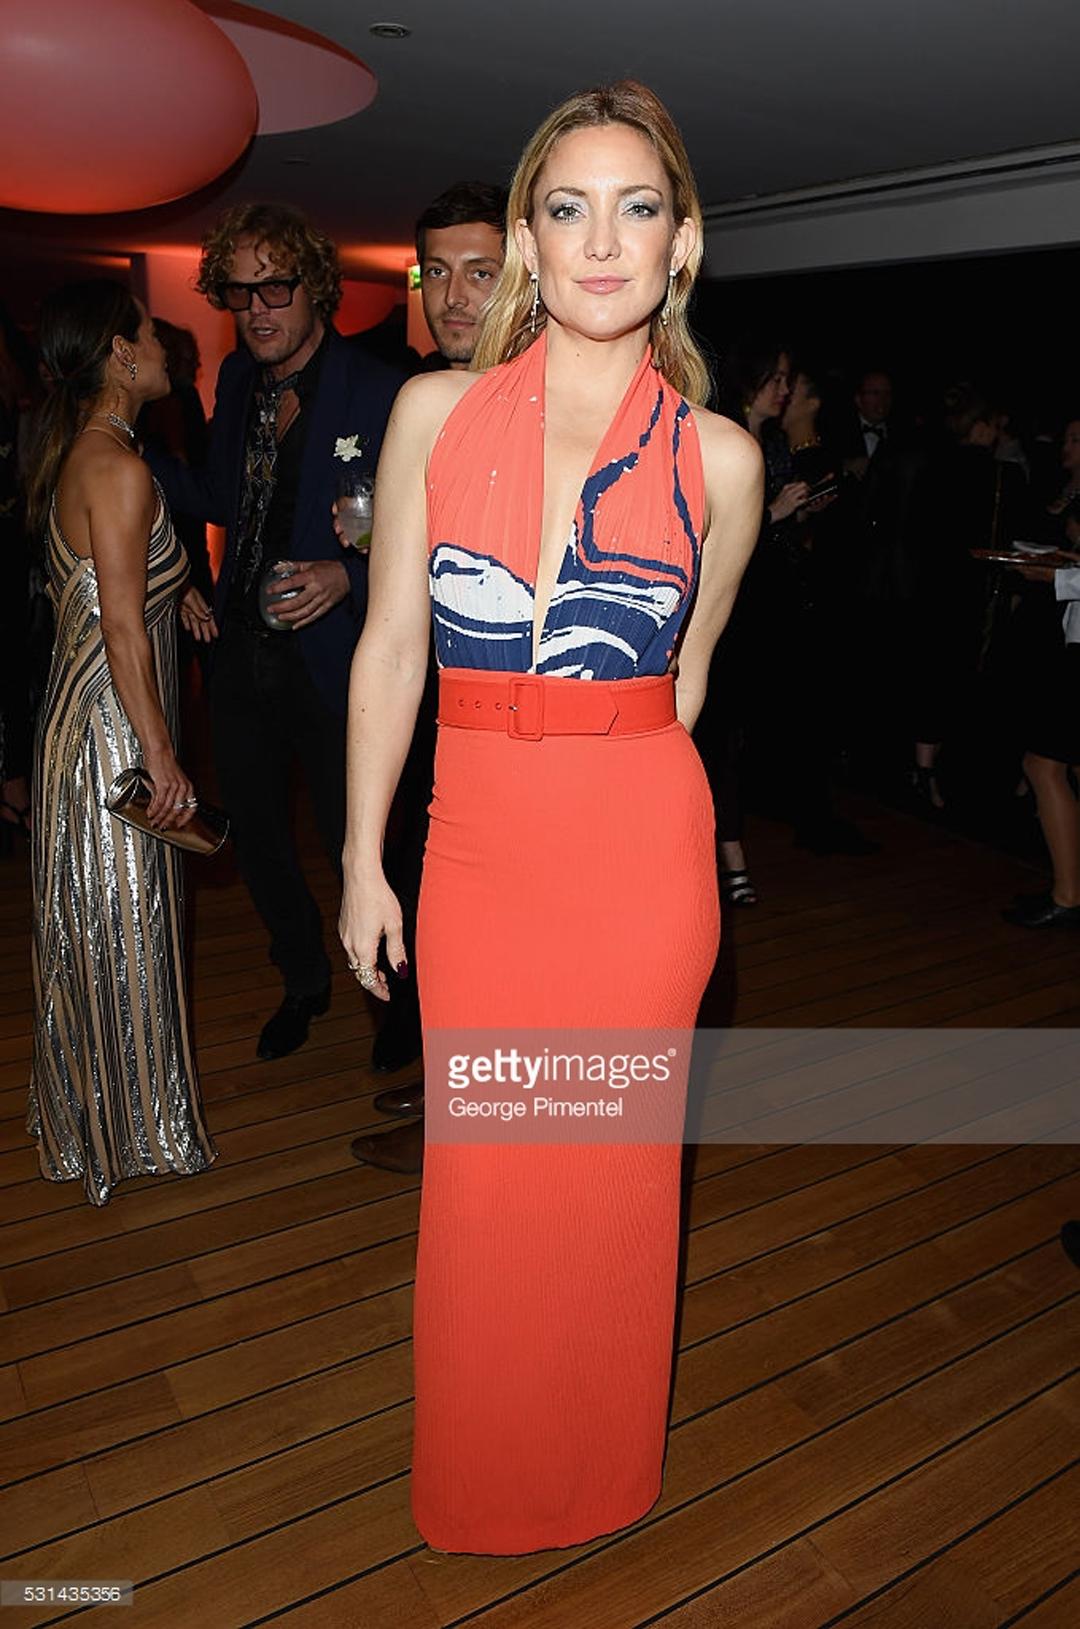 #KateHudson wearing Borgioni at Vanity Fair Cannes Festival de Cannes  #Shoes #beauty #actress #cannes2016 #film